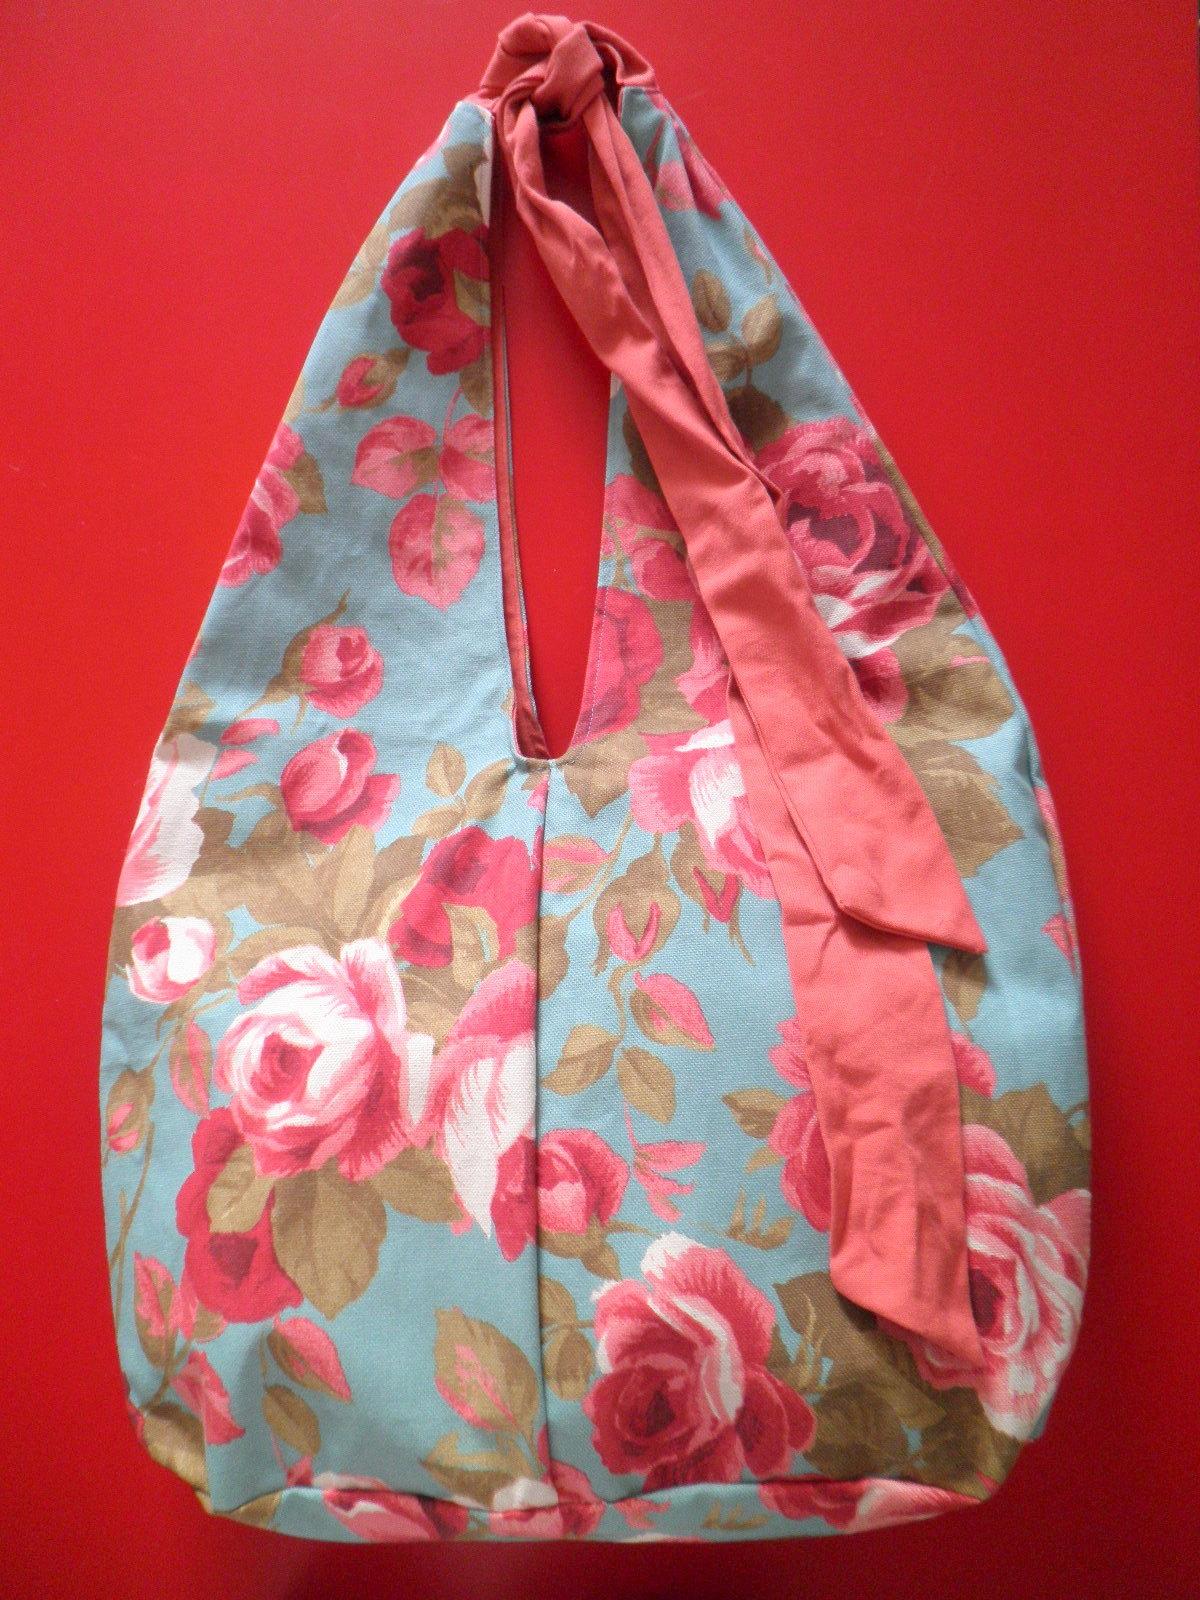 Bolsa De Tecido Com Fecho : Bolsa de tecido floral d?bora costa elo